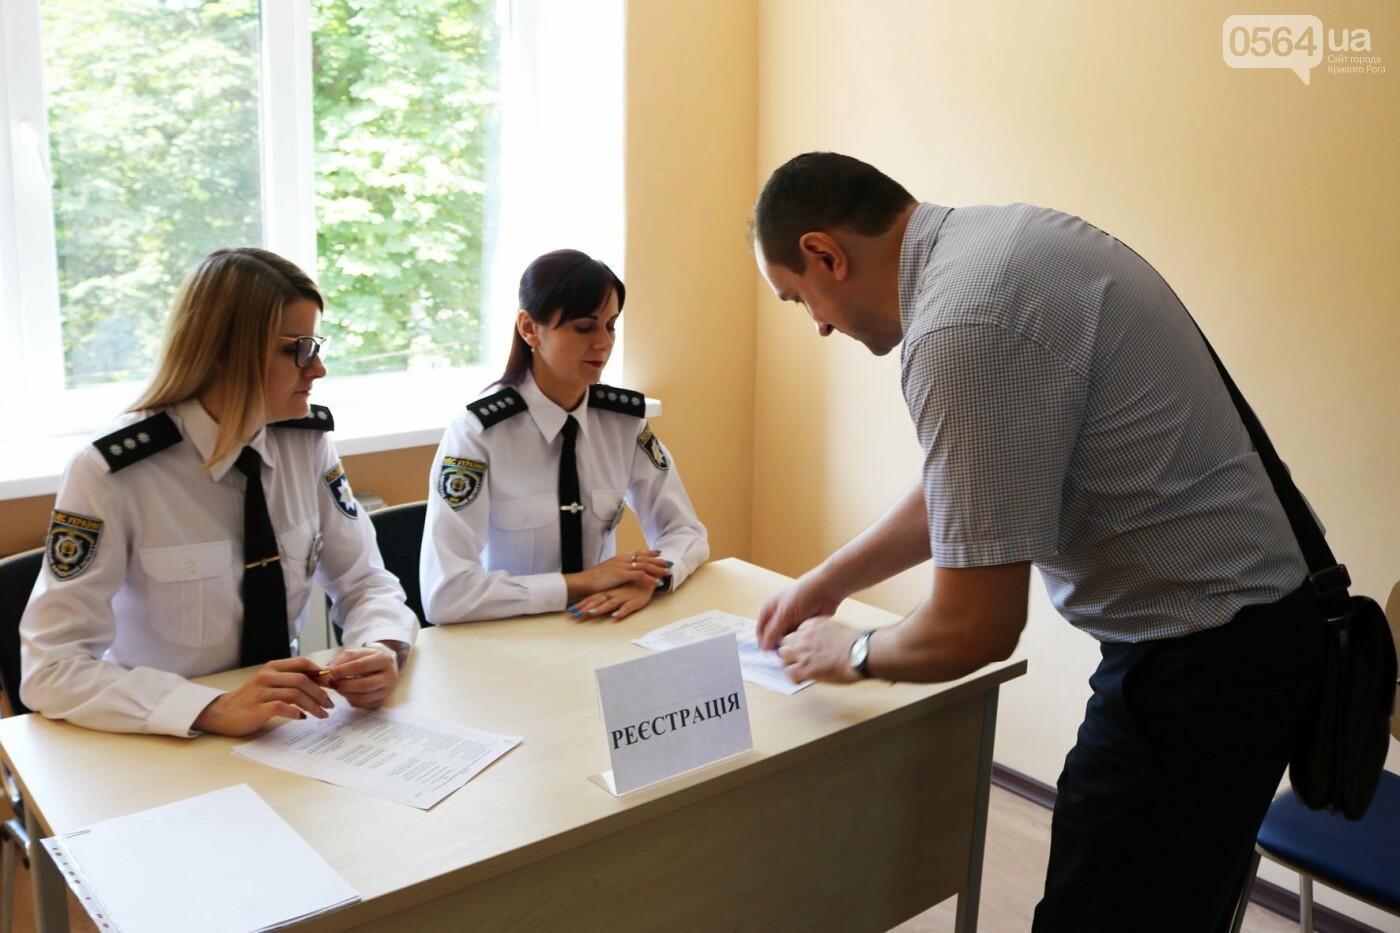 В Донецком юридическом институте состоялось выездное заседание Совета ректоров перемещенных высших учебных заведений Донбасса и Крыма, фото-1